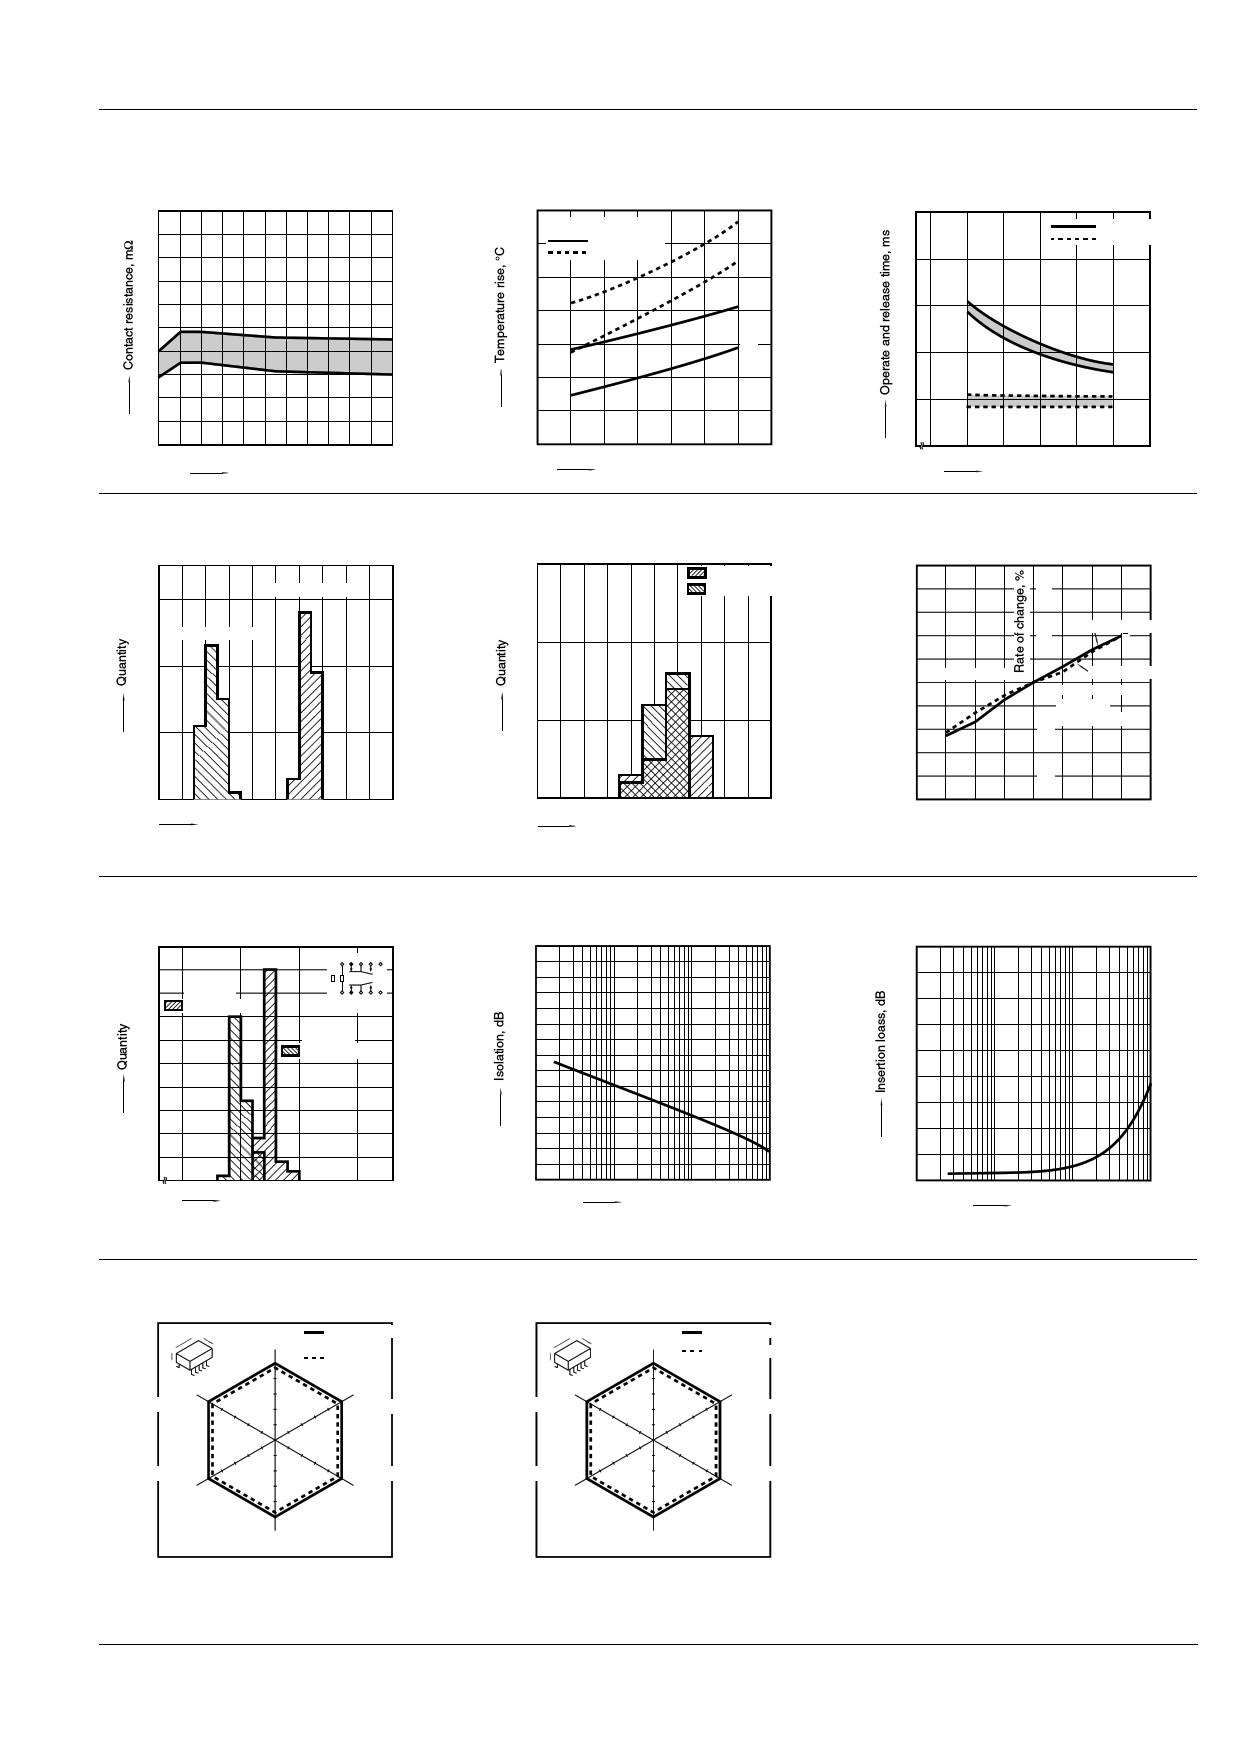 TQ2SS-L2-4.5V pdf, 반도체, 판매, 대치품